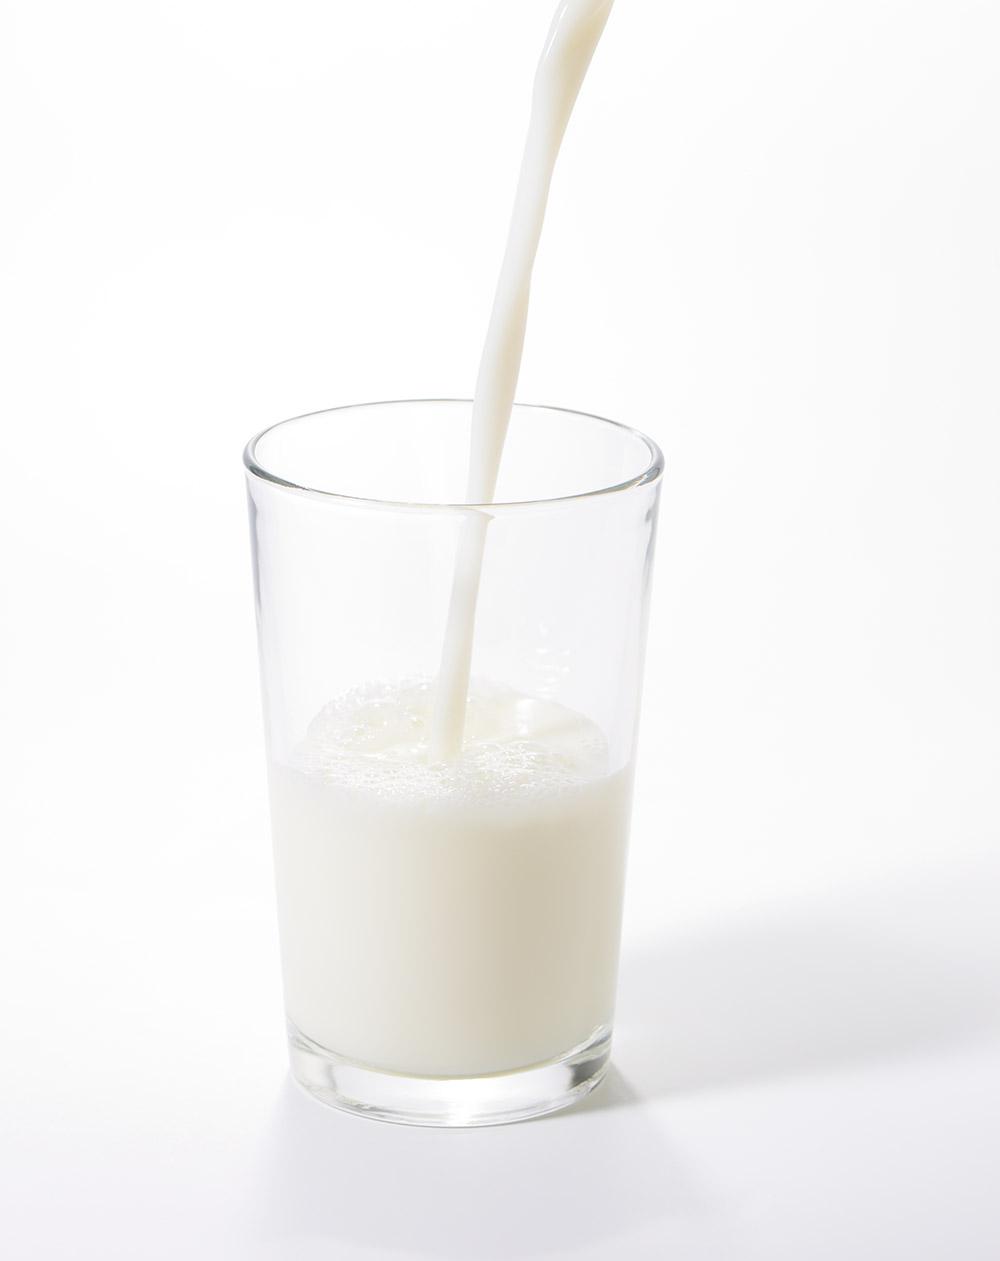 น้ำตาลแลคโตสในนม